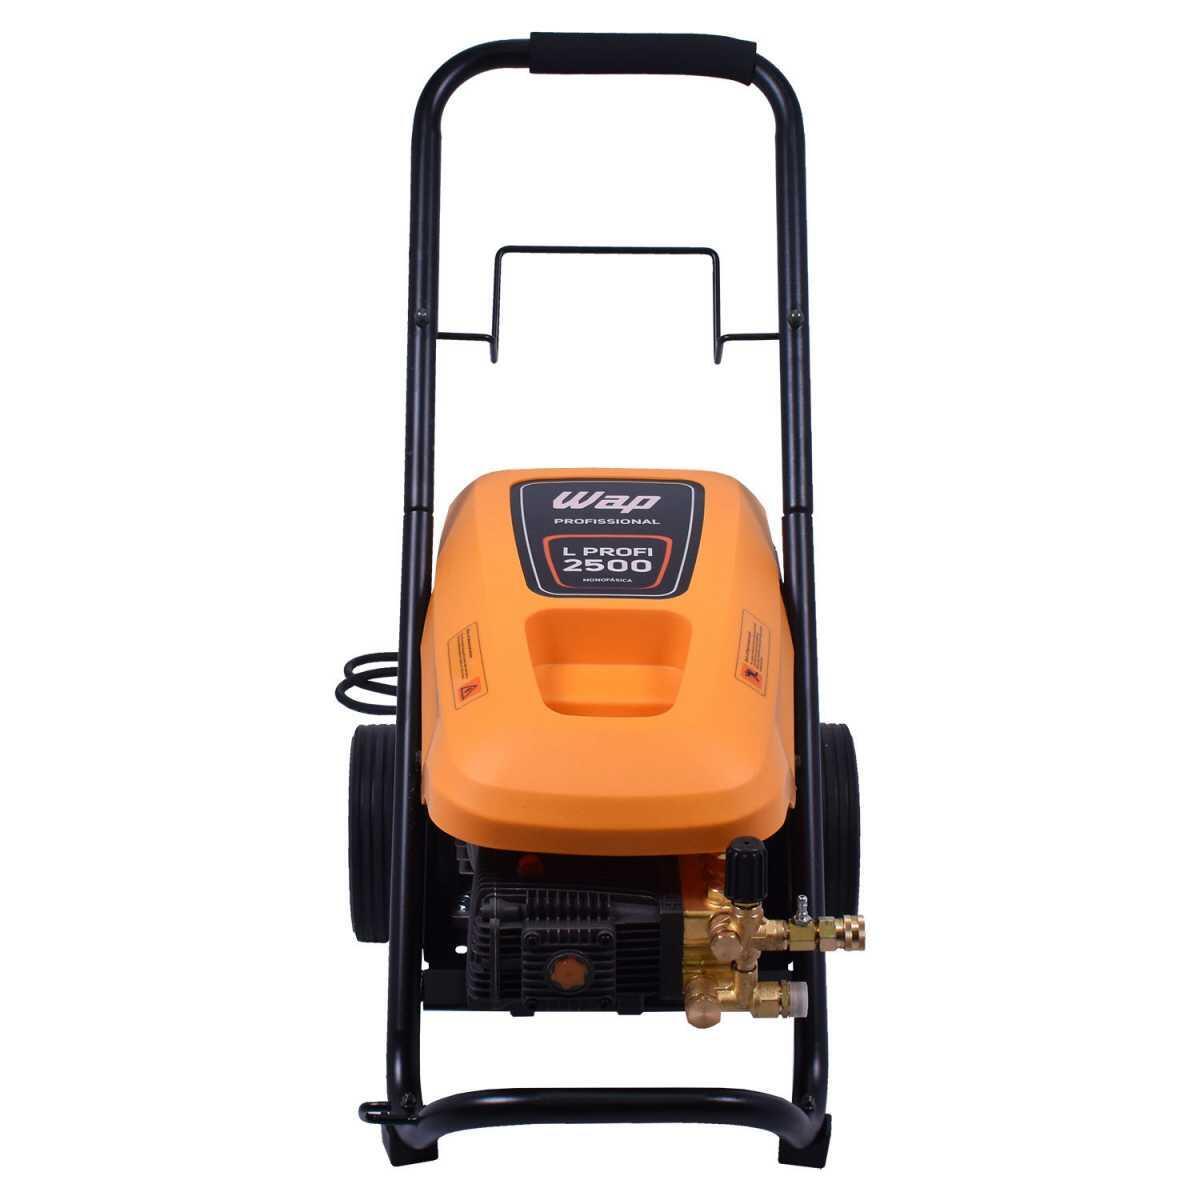 Lavadora de Alta Pressão 2500Lbs 3200W L Profi 2500 Wap–220V